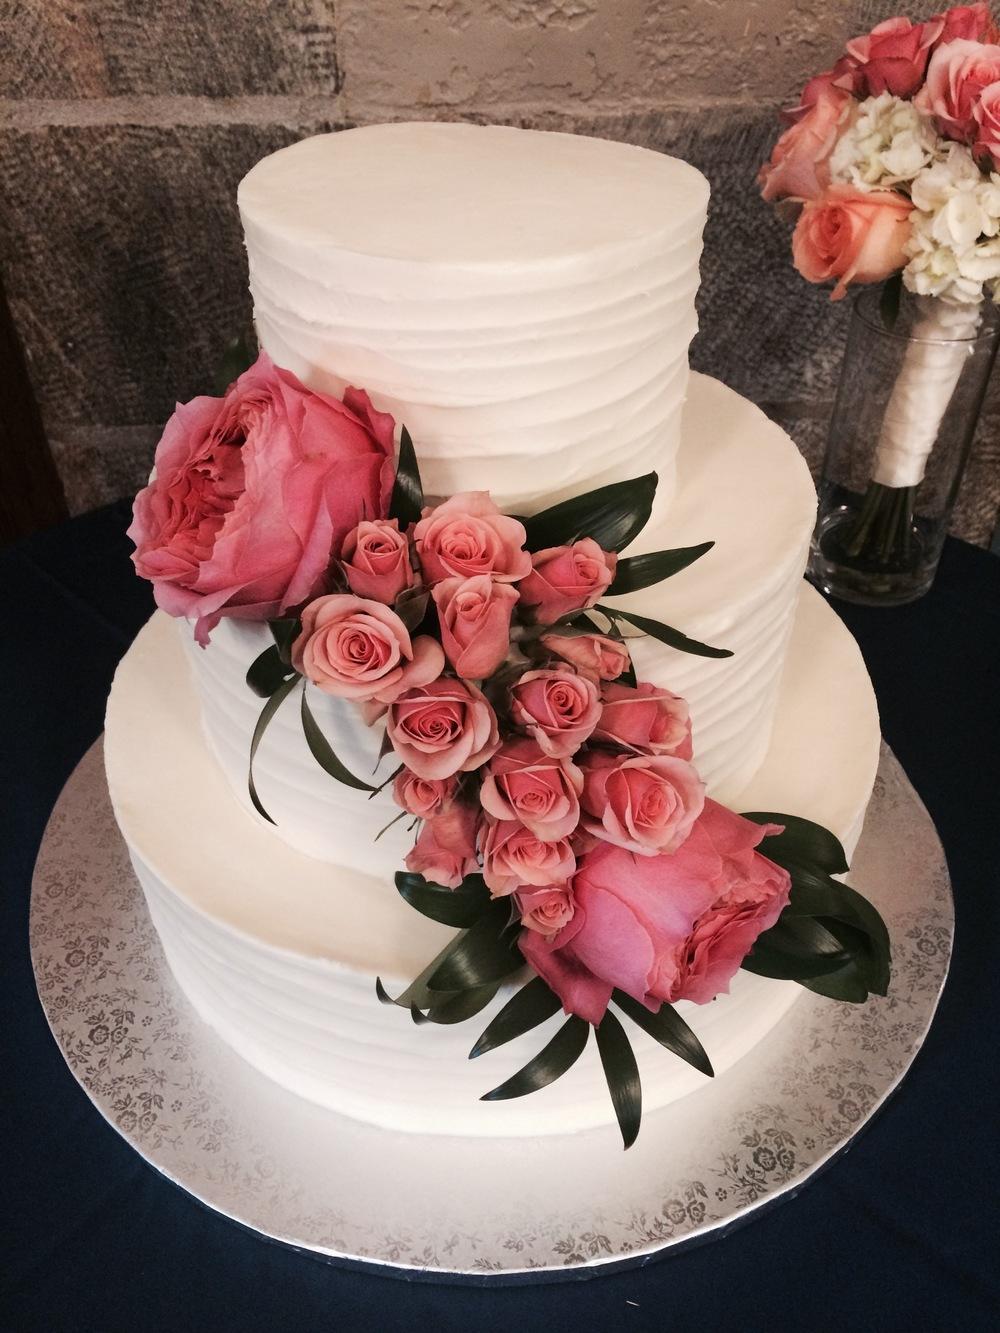 Garden Roses For A Wedding